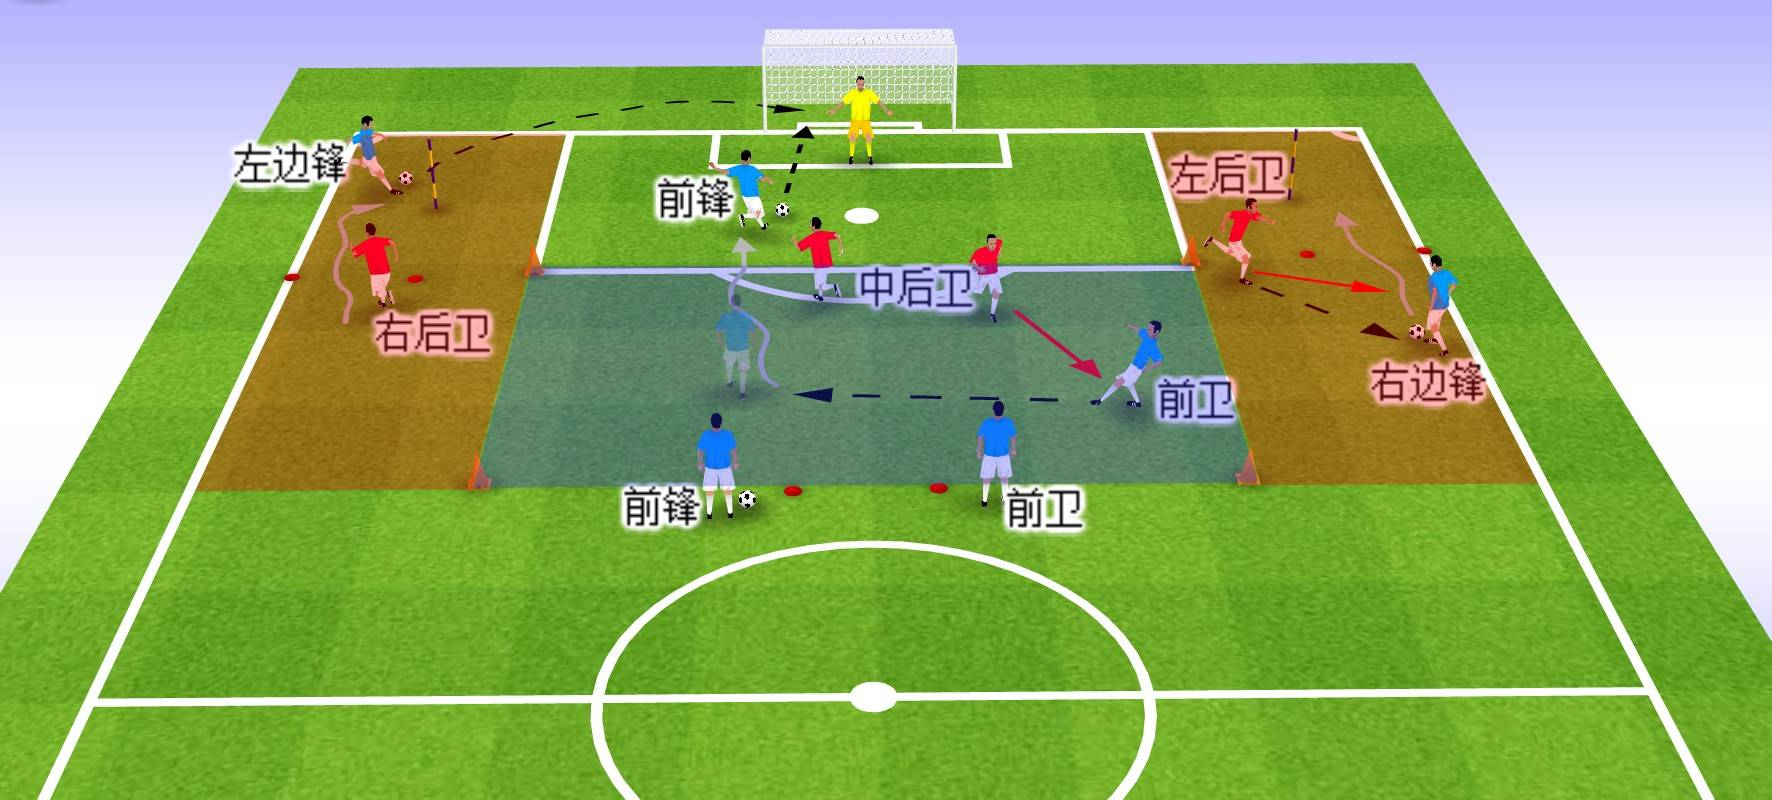 足球教案 :提高球员1V1能力的三种训练方法